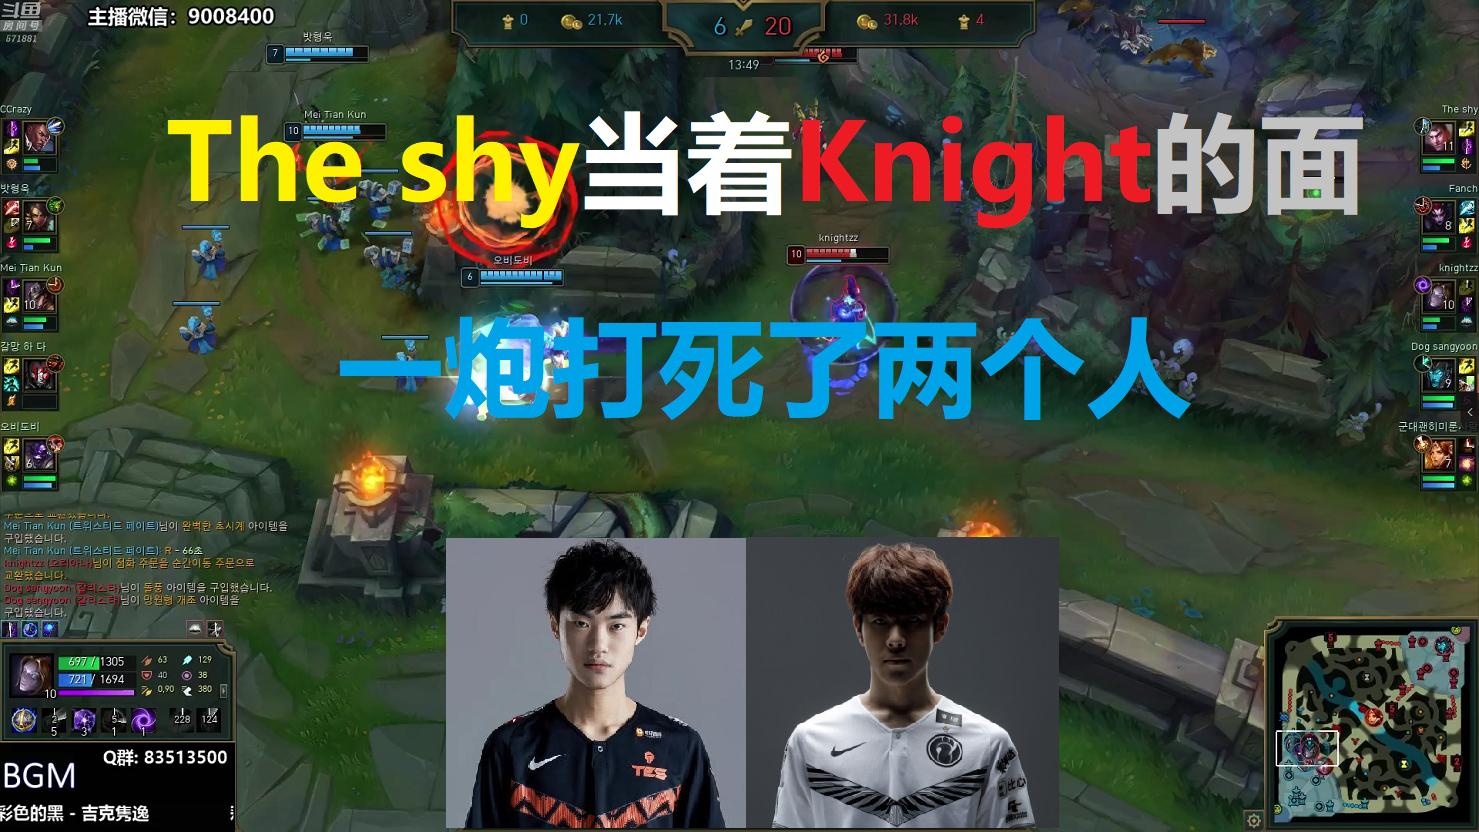 The shy当着Knight的面,一炮打死了两个人!